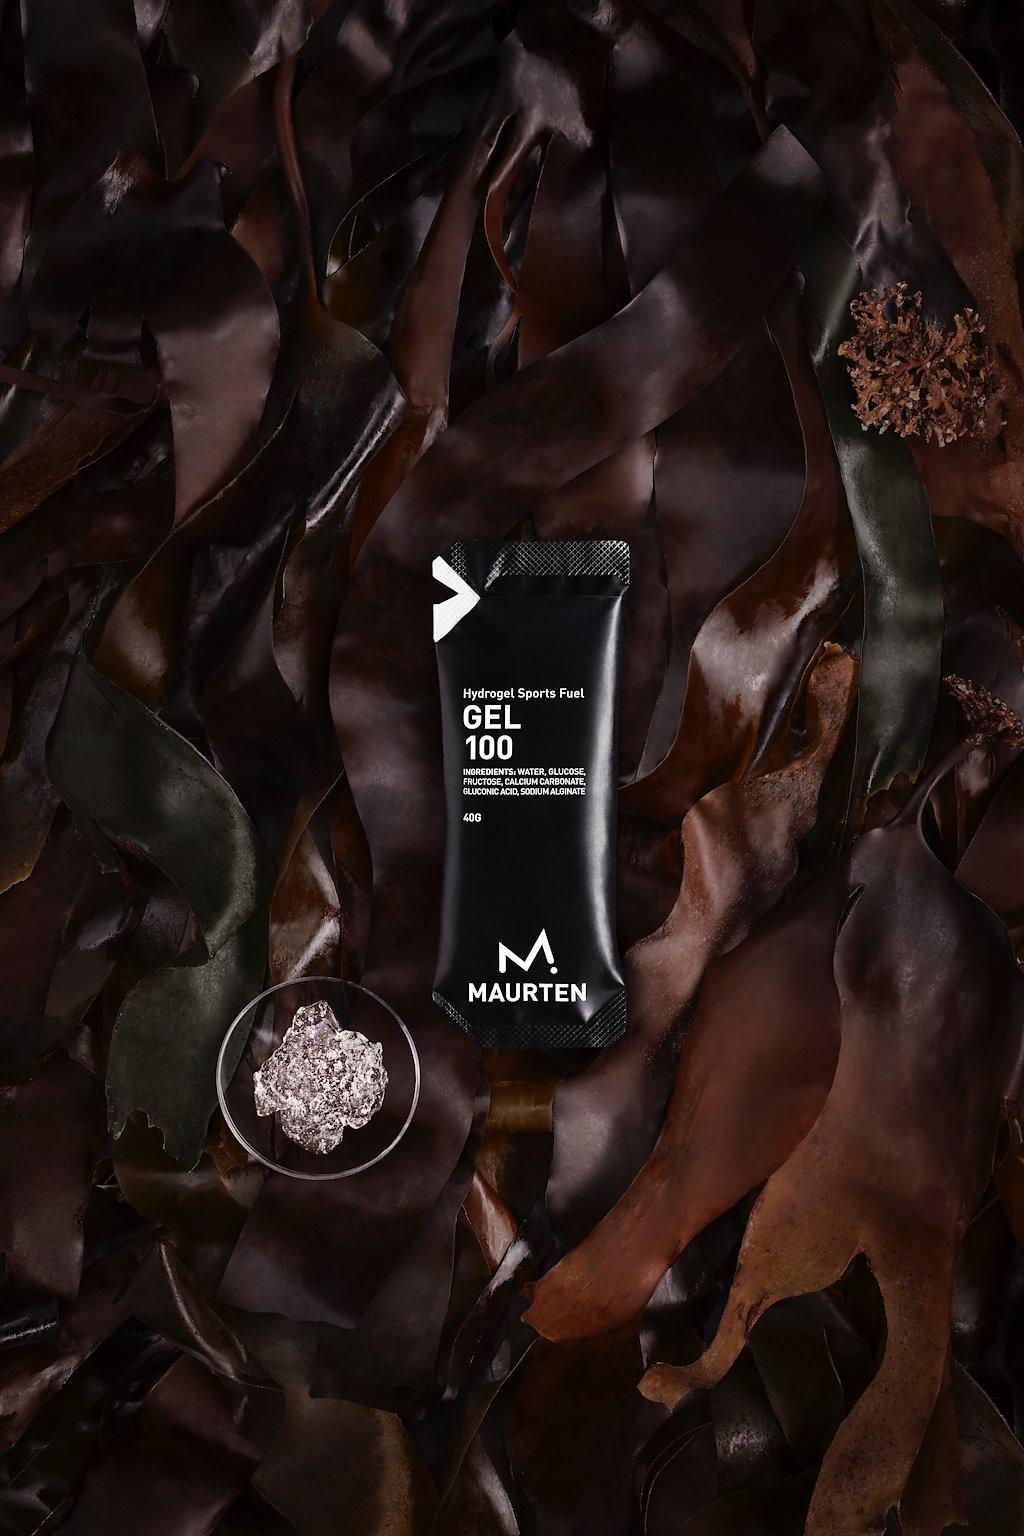 MaurtenGEL100